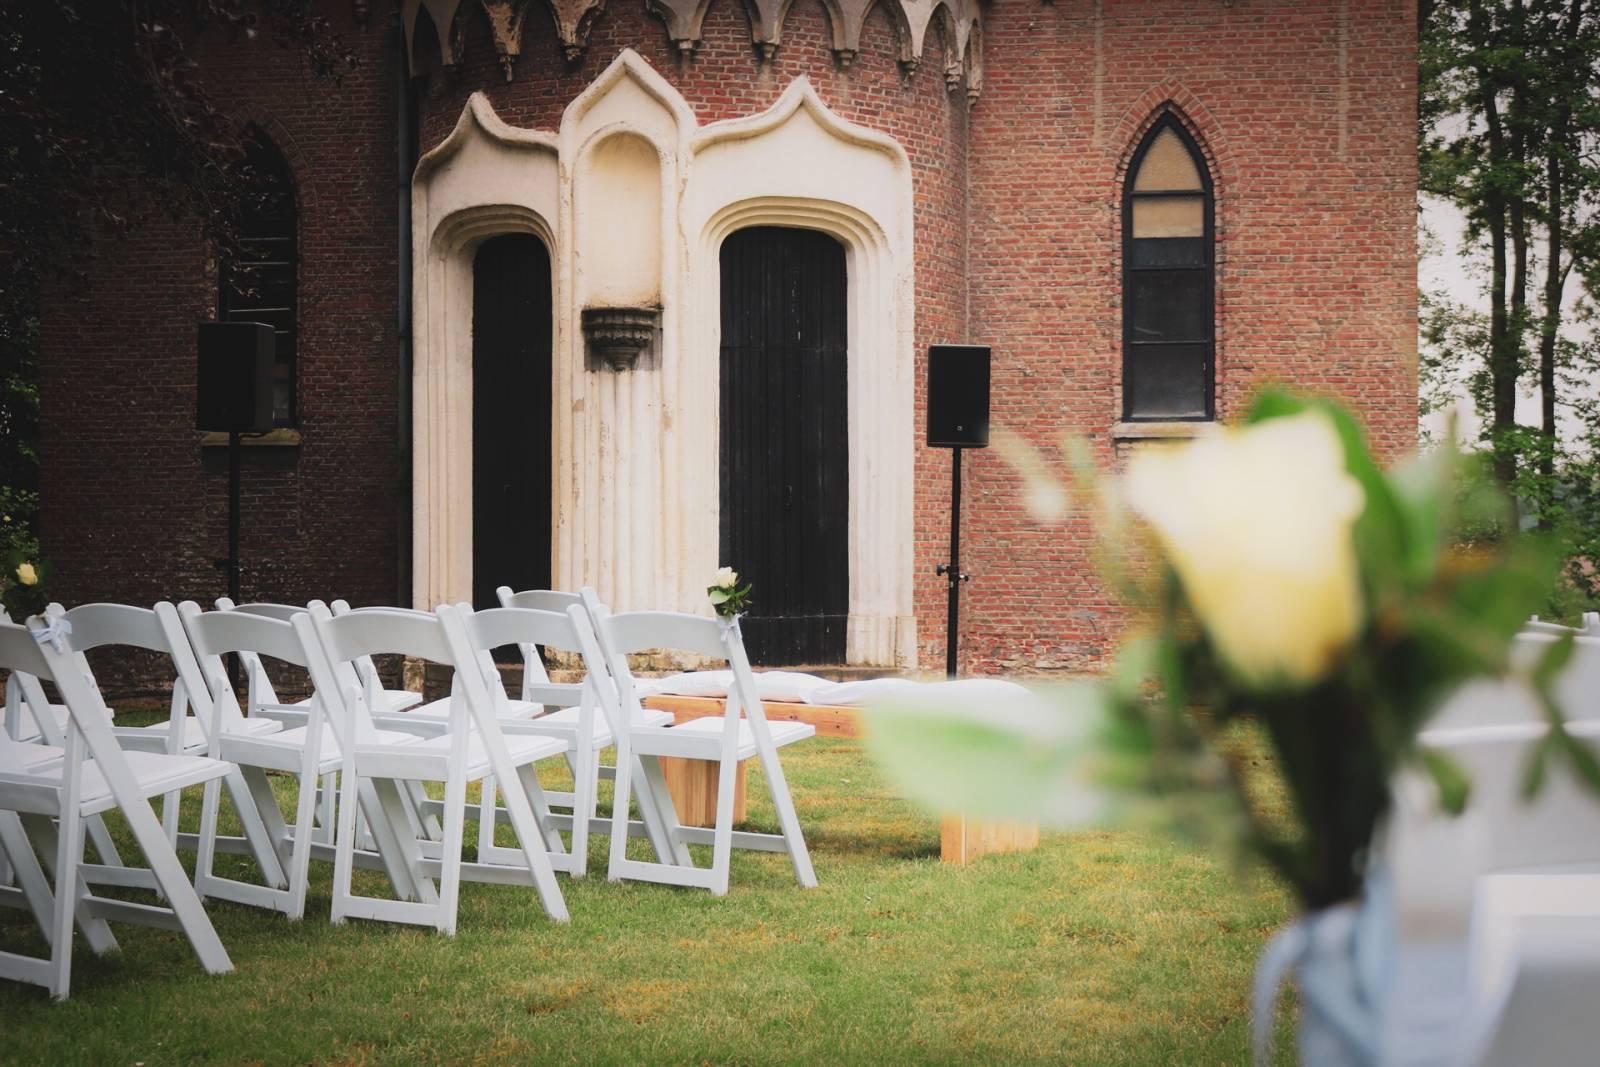 Blue Moon Team - Licht & Geluid Huwelijk Trouw Bruiloft - House of Weddings - 14